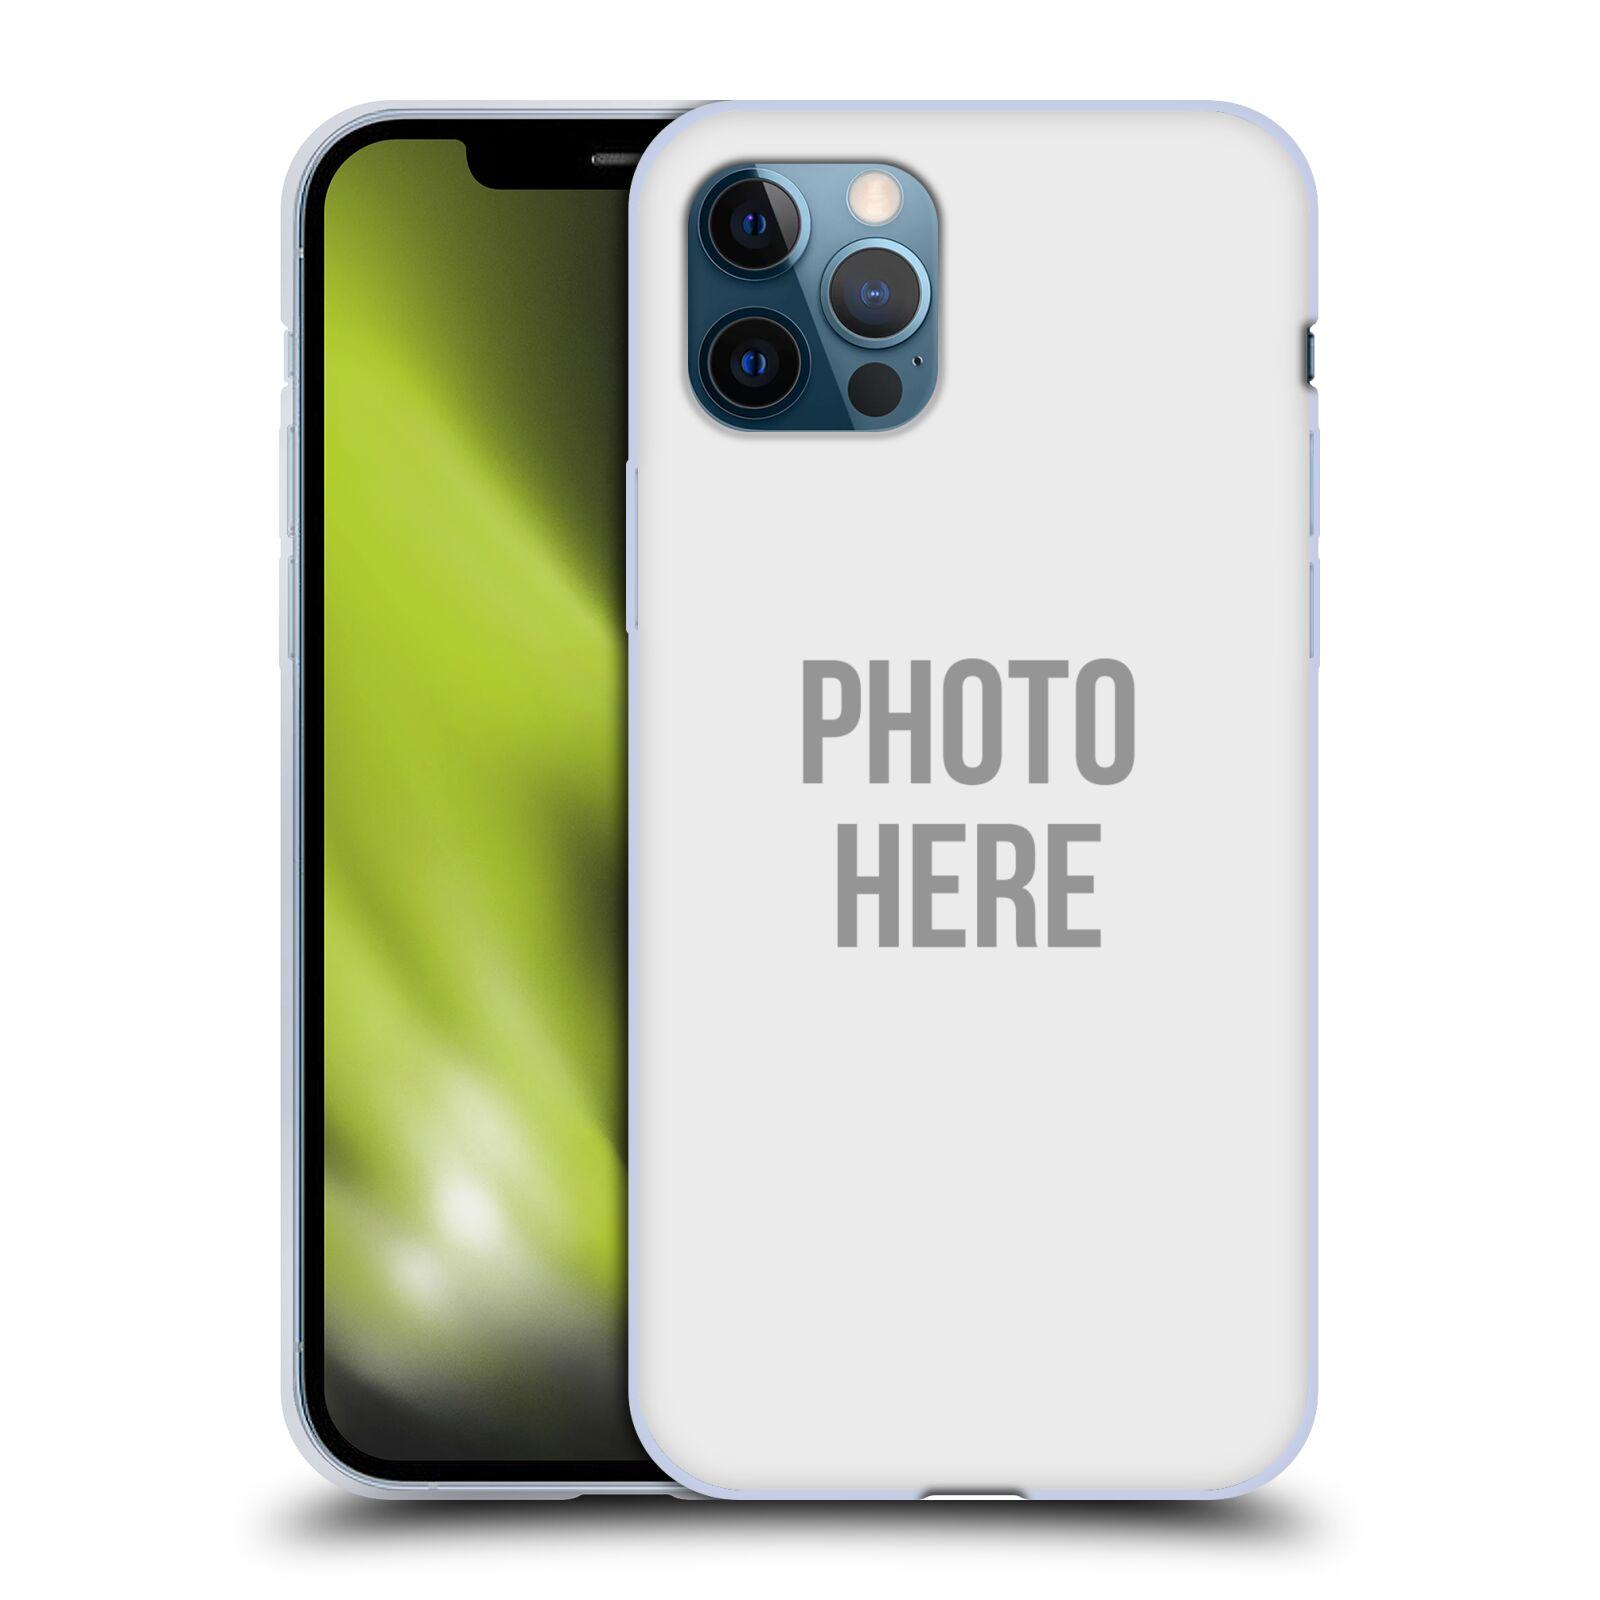 Silikonové pouzdro na mobil Apple iPhone 12 / 12 Pro s vlastním motivem